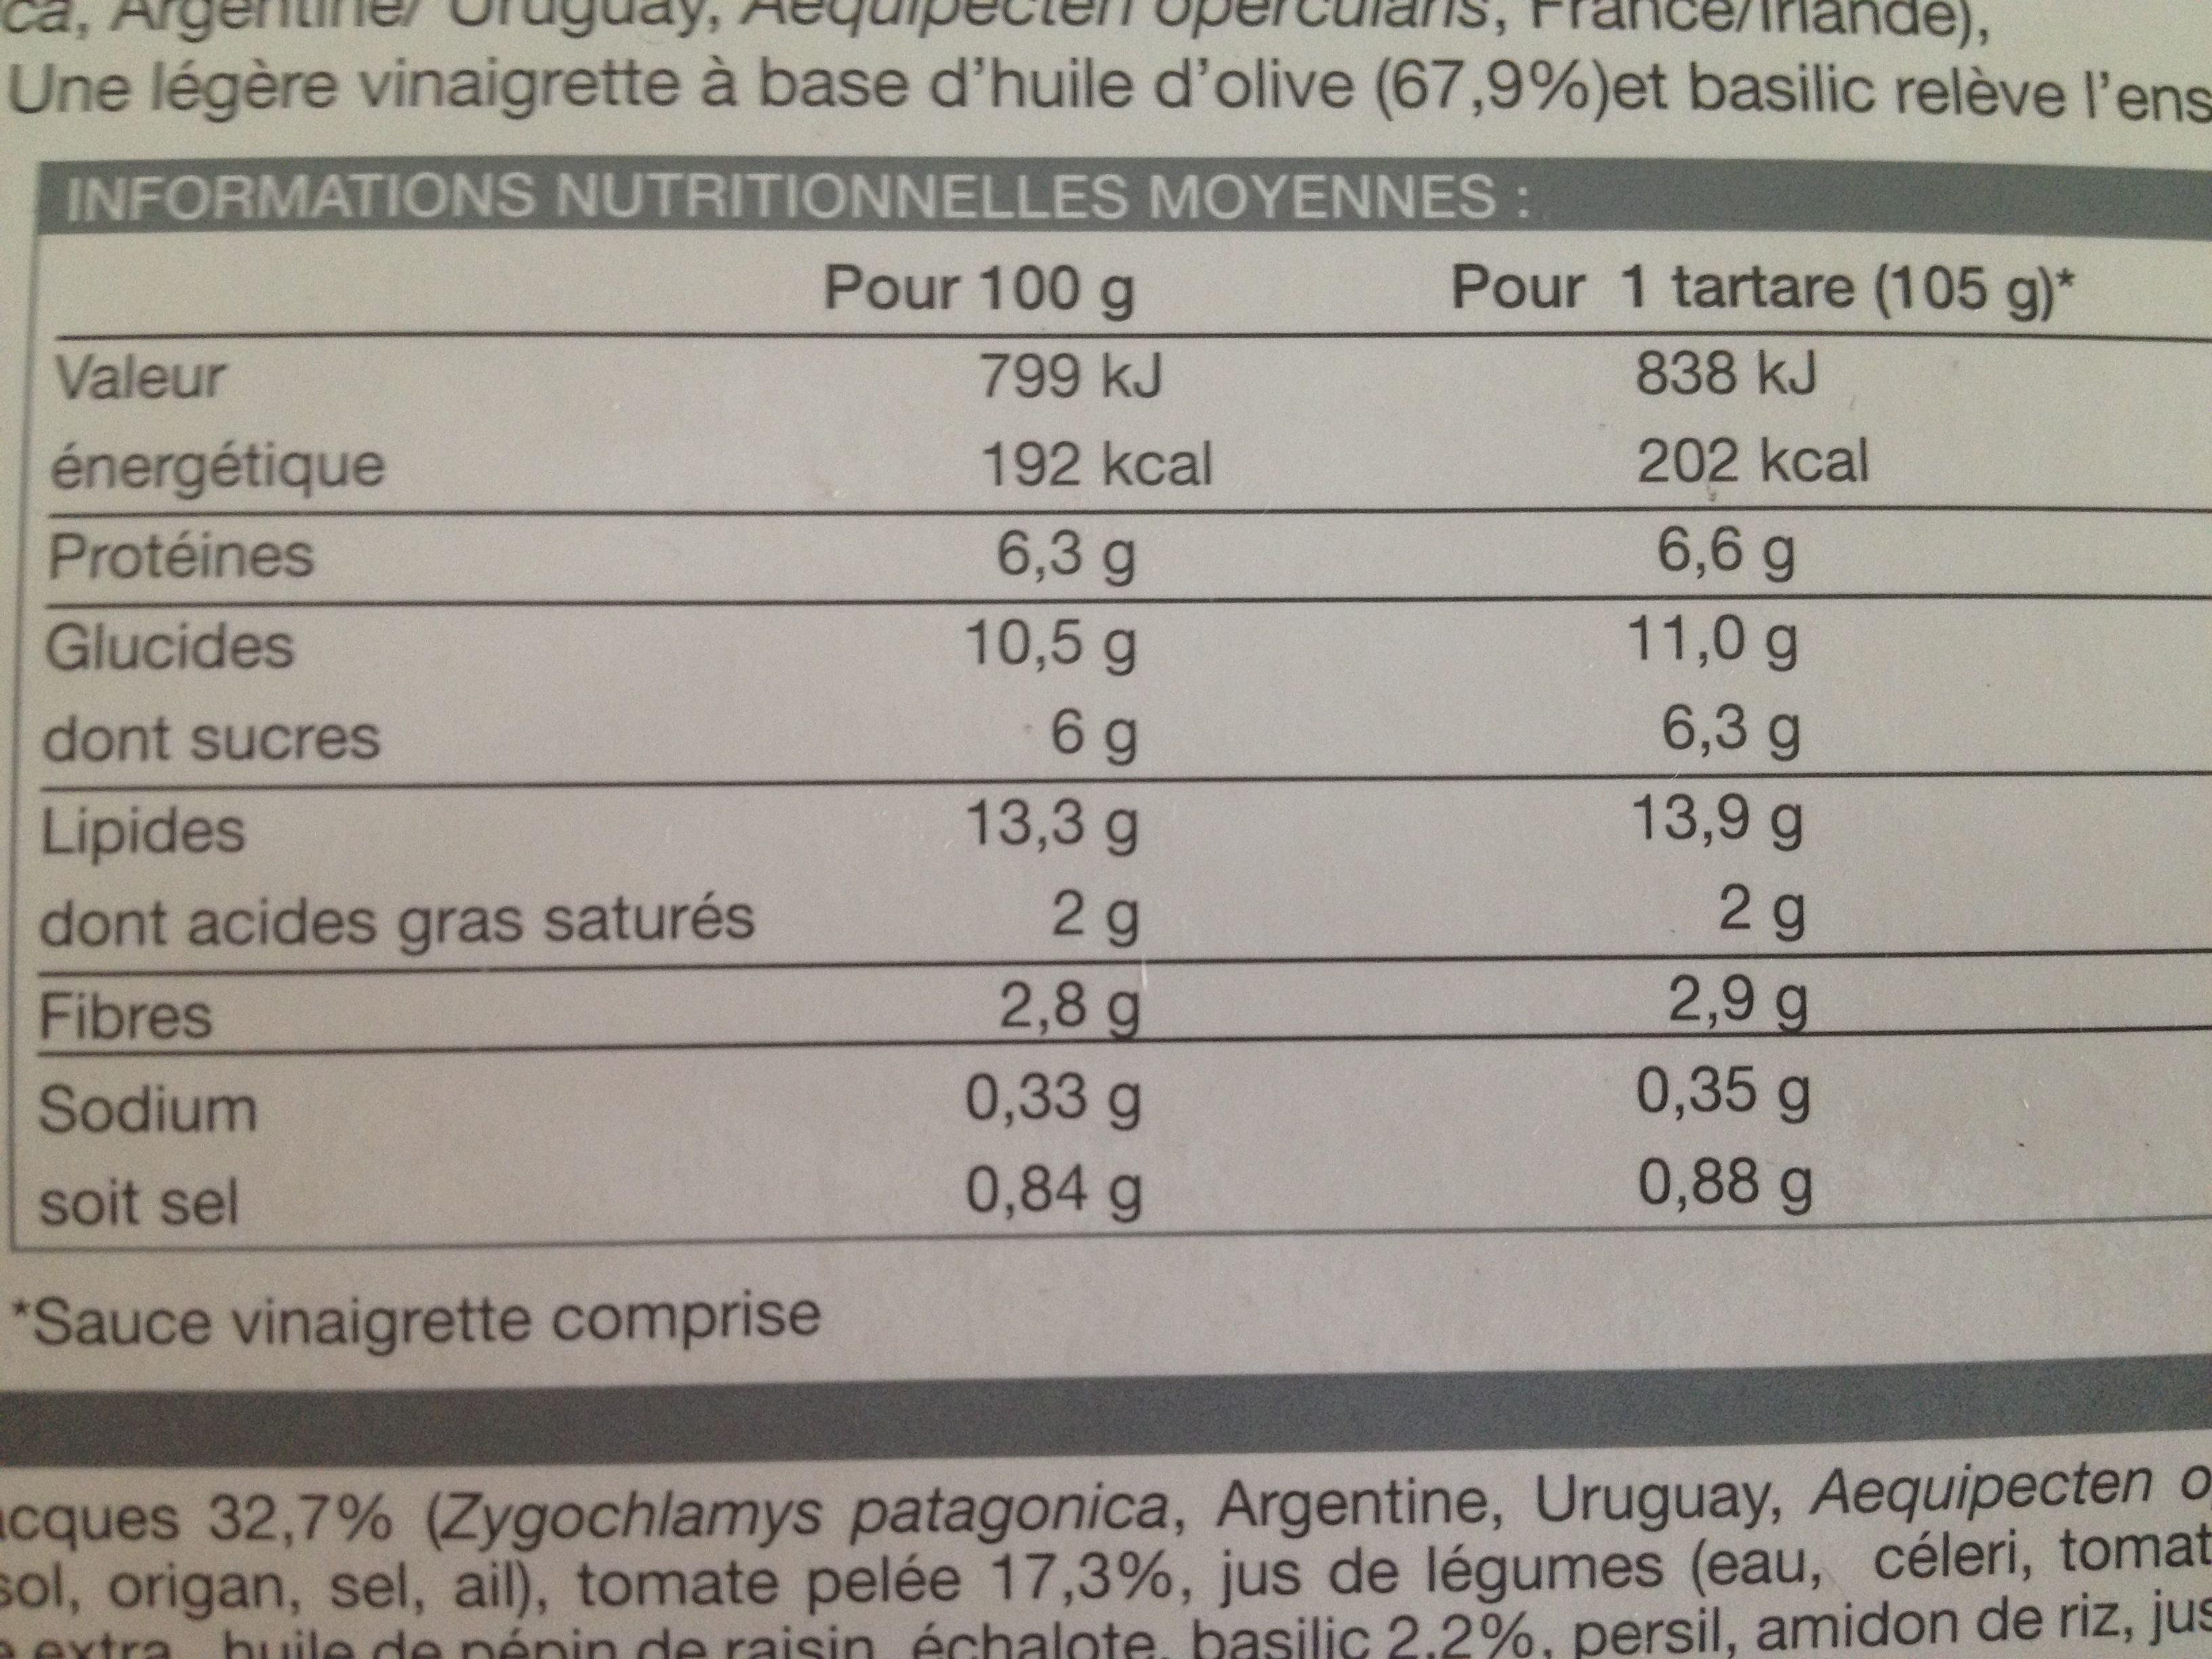 2 tartares de saint-jacques - Informations nutritionnelles